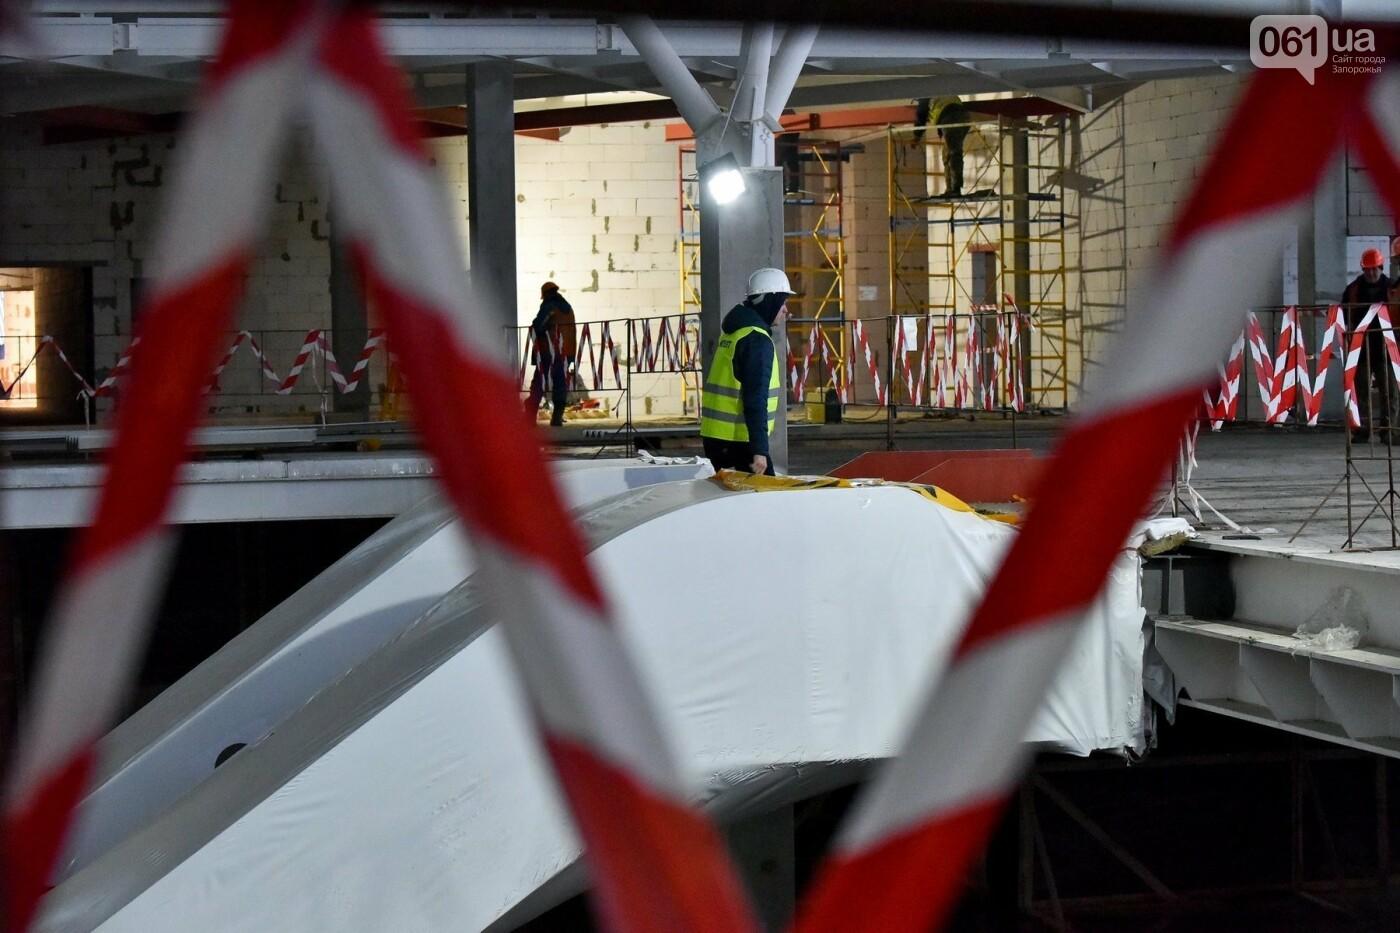 Запорожский аэропорт возьмет кредит на строительство терминала и прогнозирует увеличение пассажиропотока до одного миллиона, — ФОТОРЕПОРТАЖ, фото-8